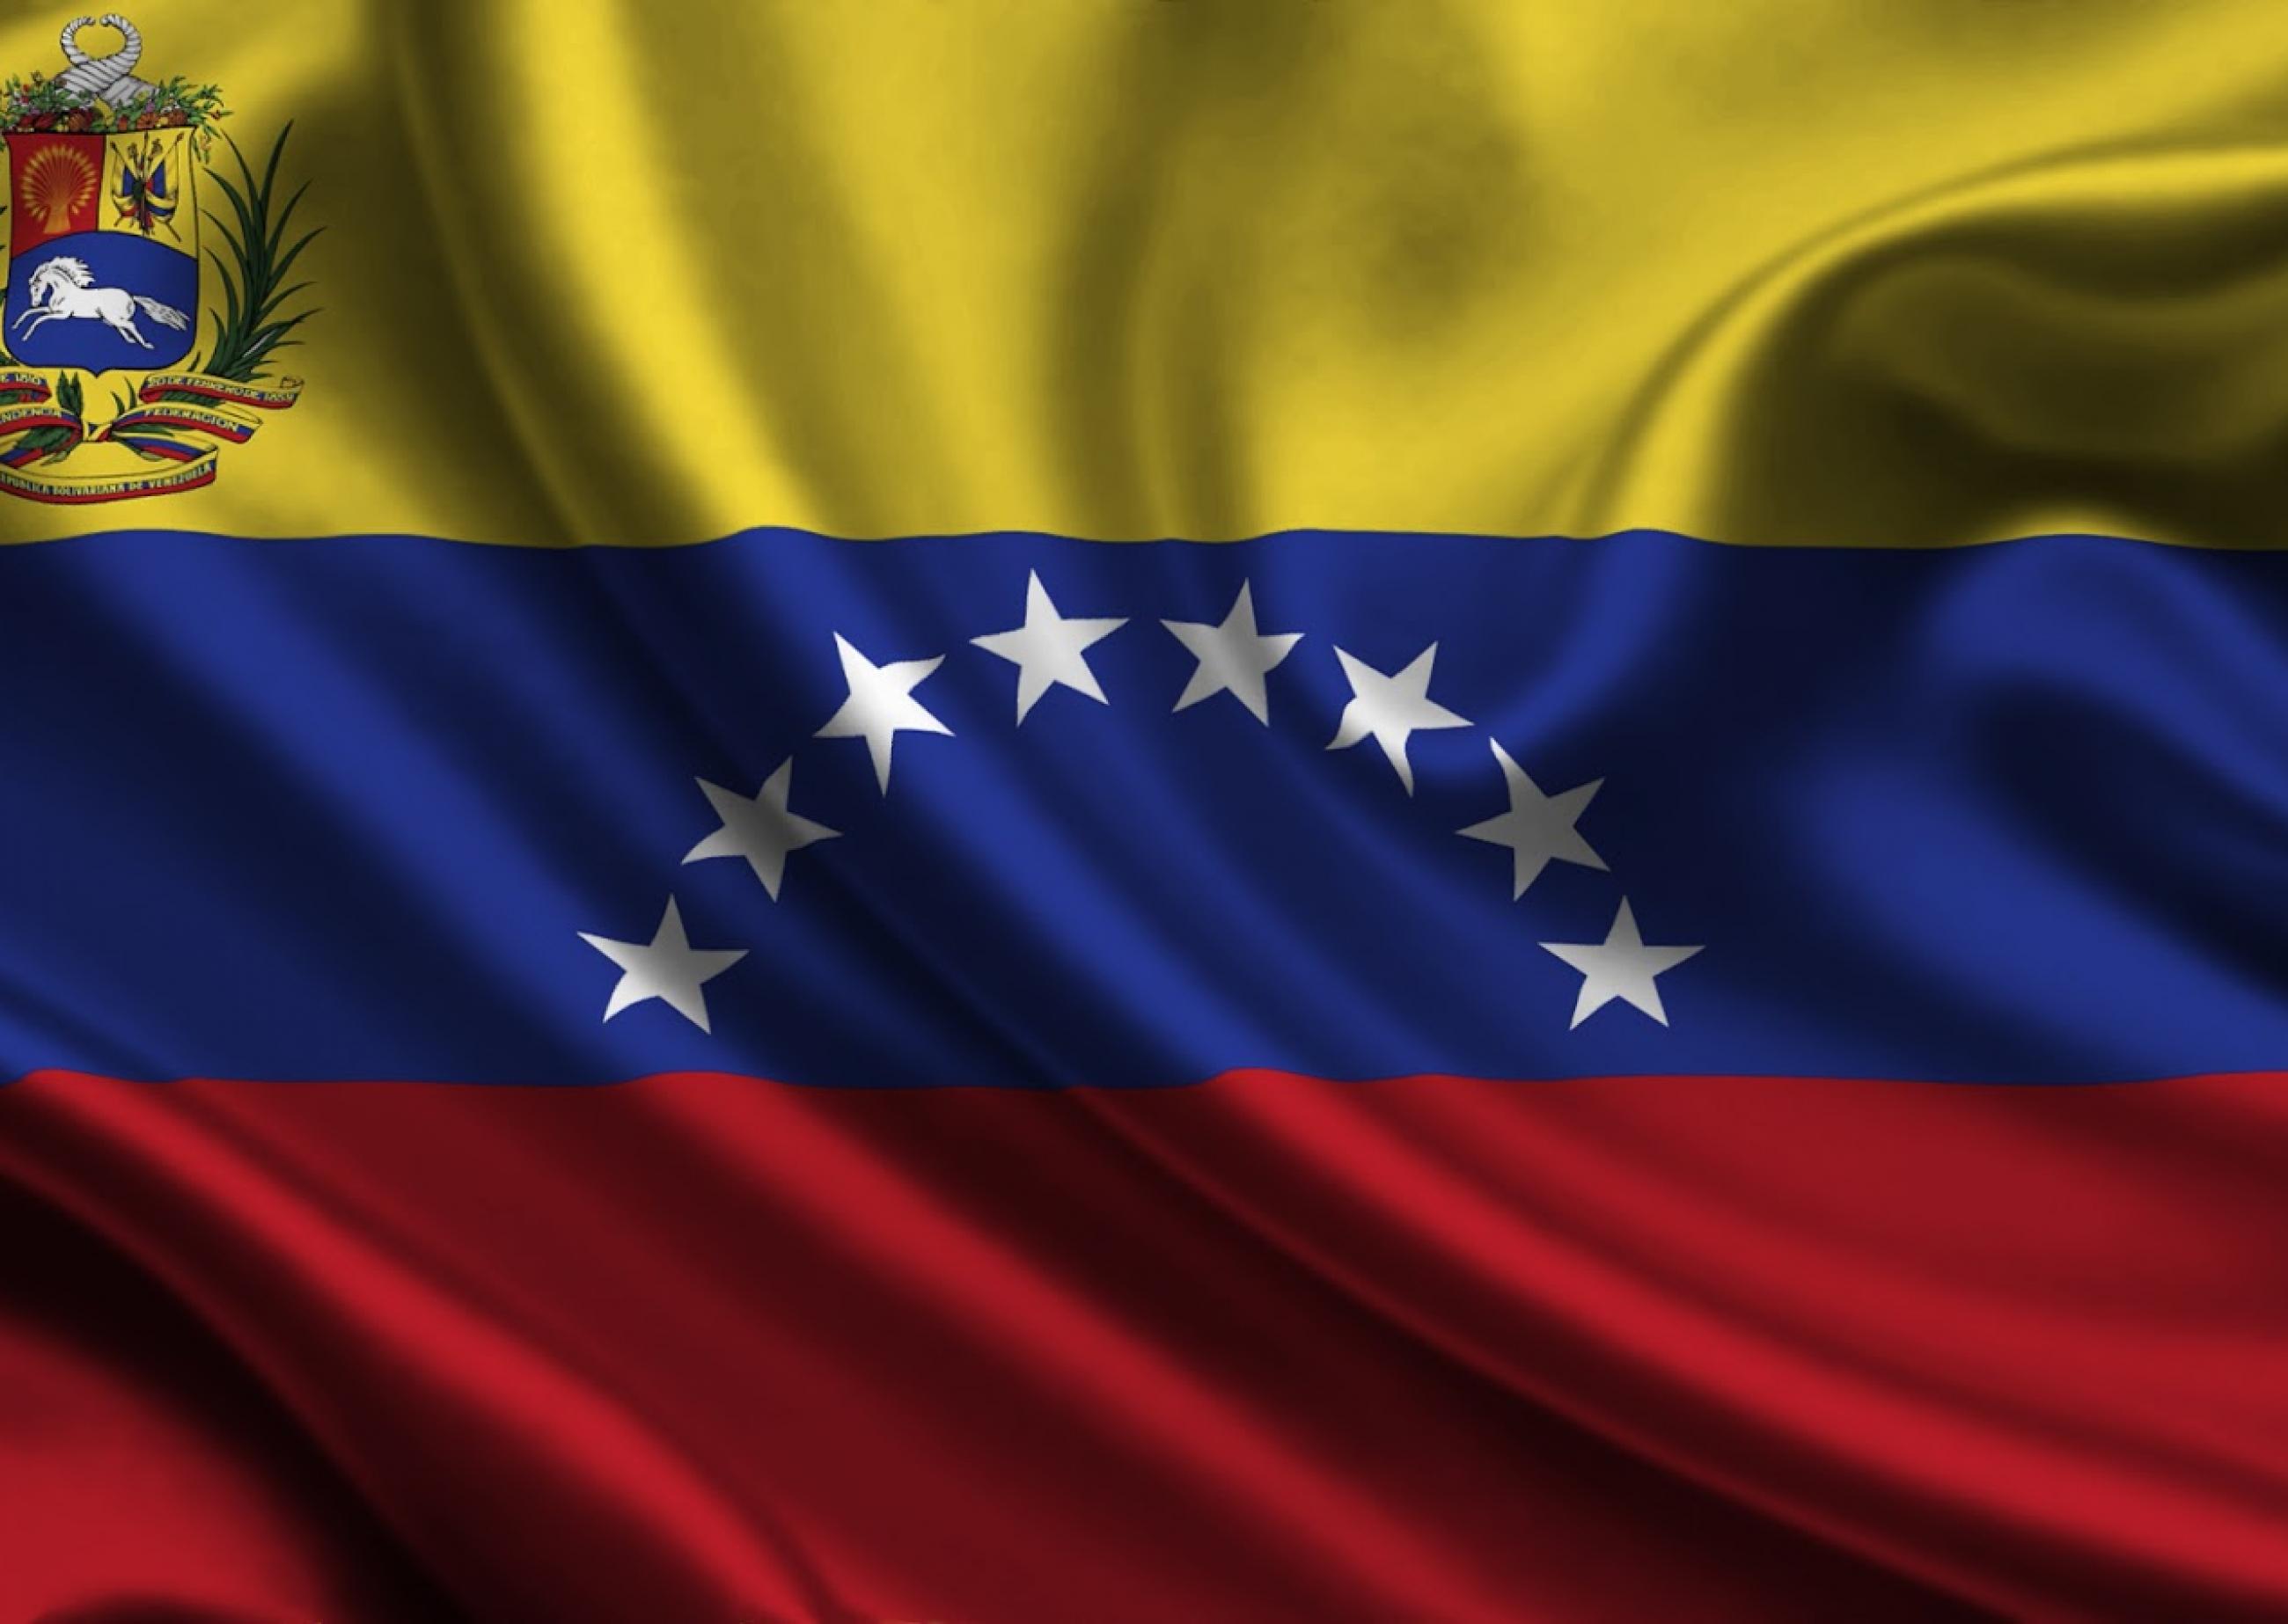 bandera-de-venezuela_fondos-de-pantalla-de-banderas